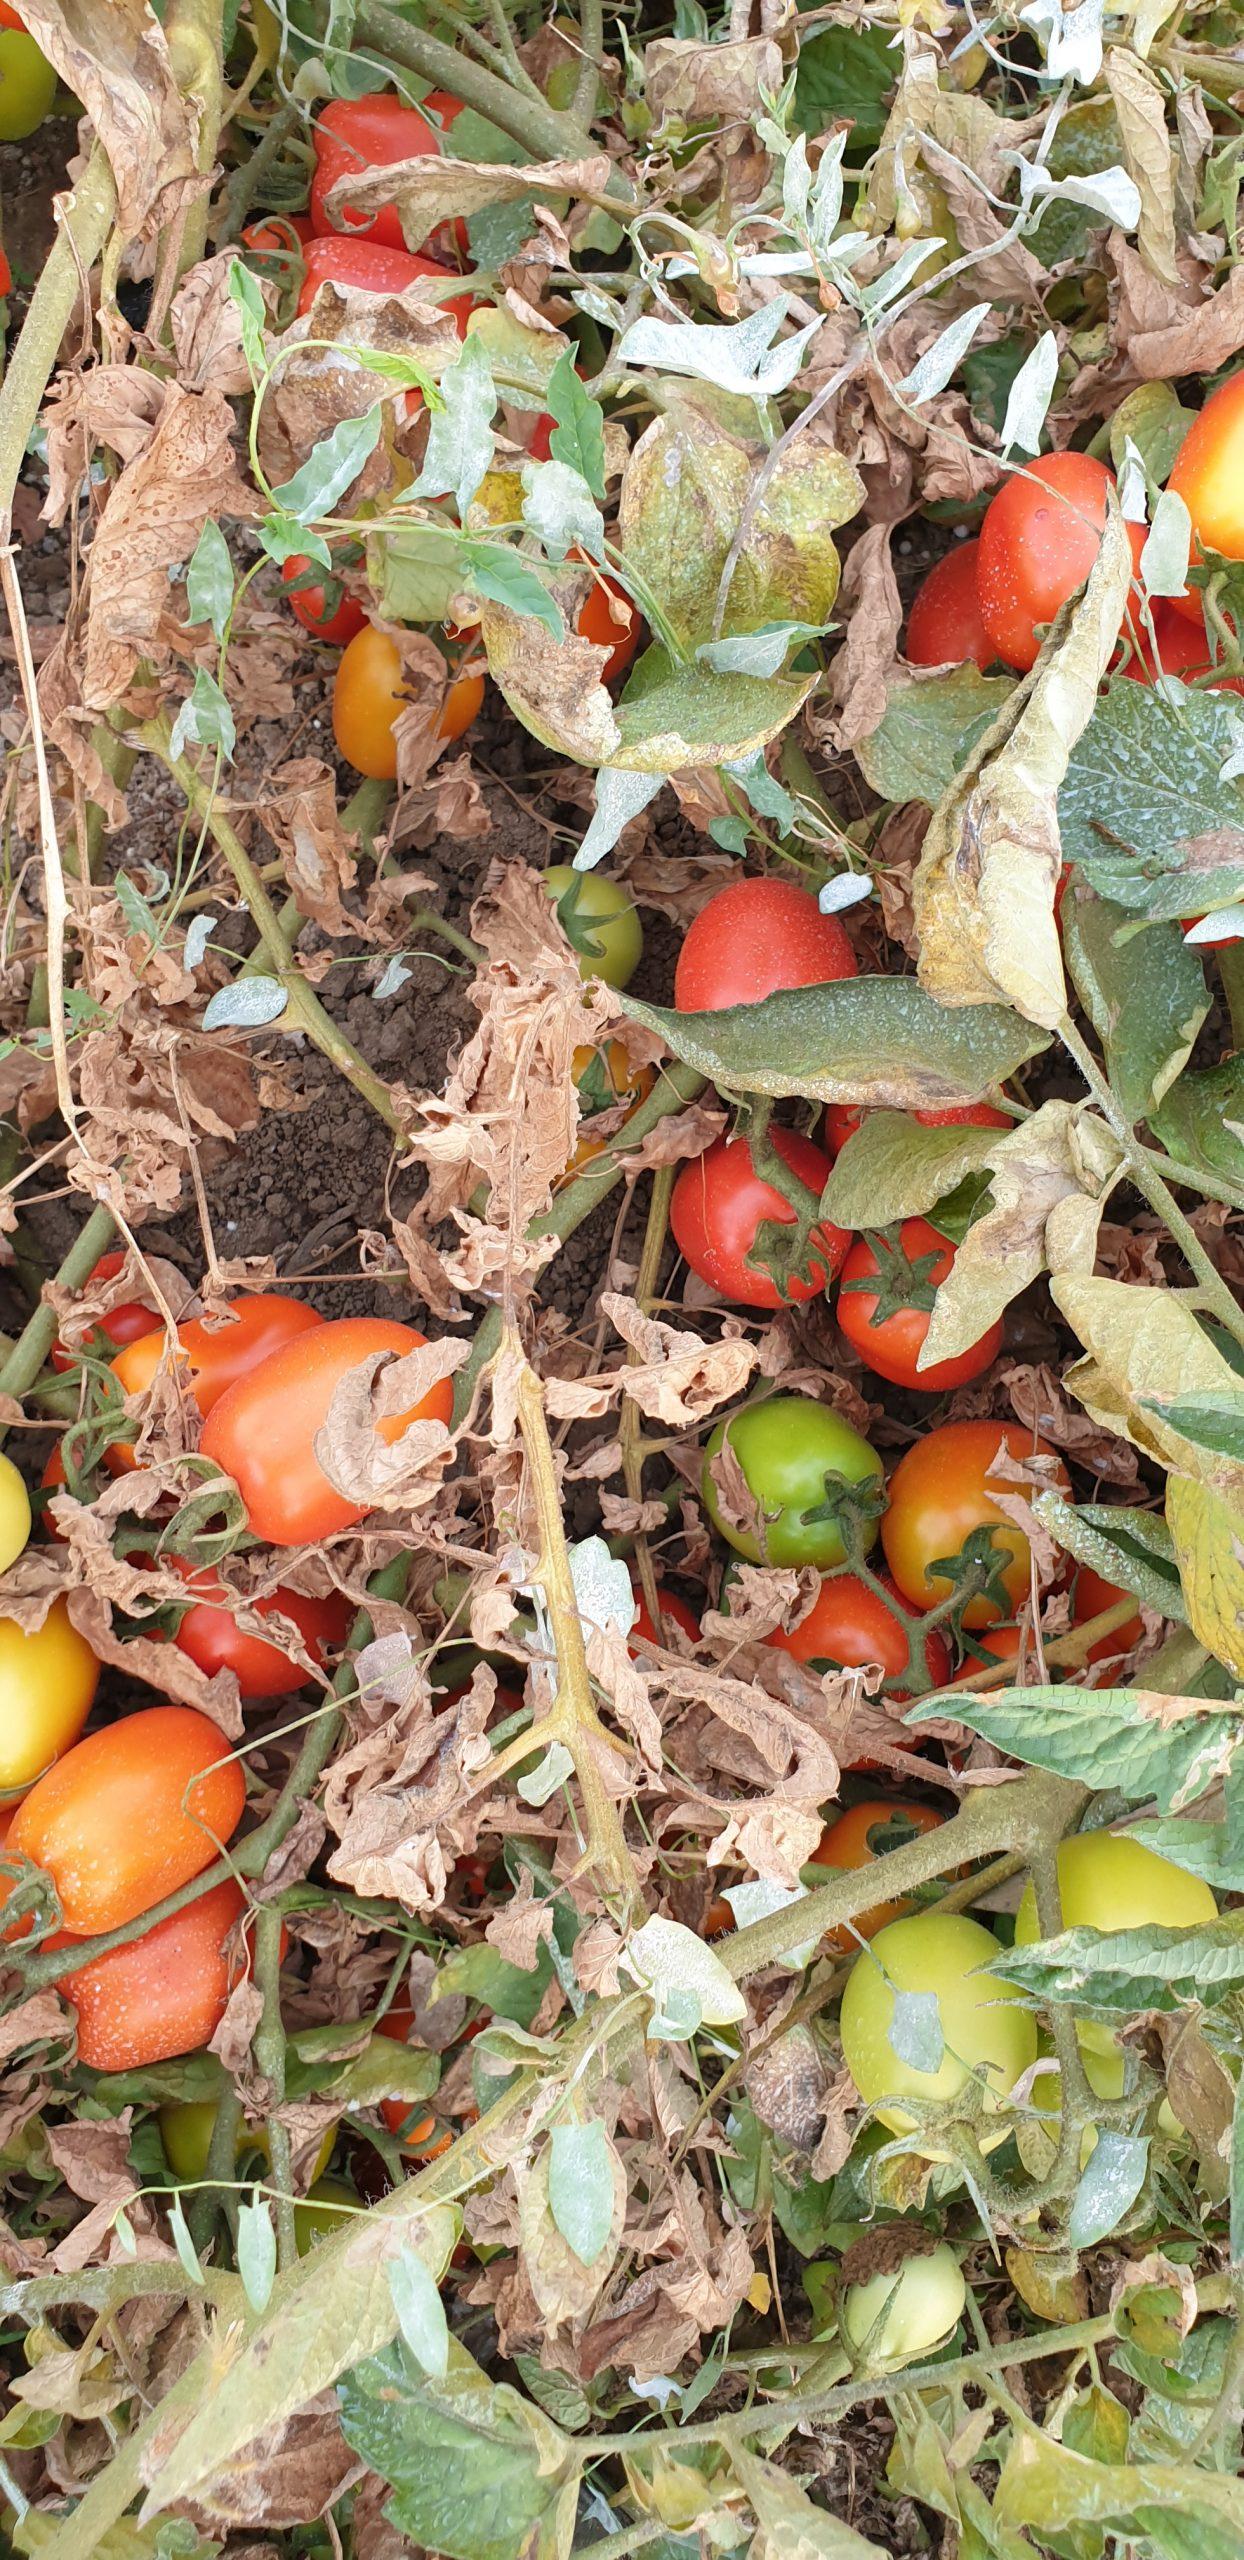 Pianta di pomodoro attaccata dall'Eriofide rugginoso